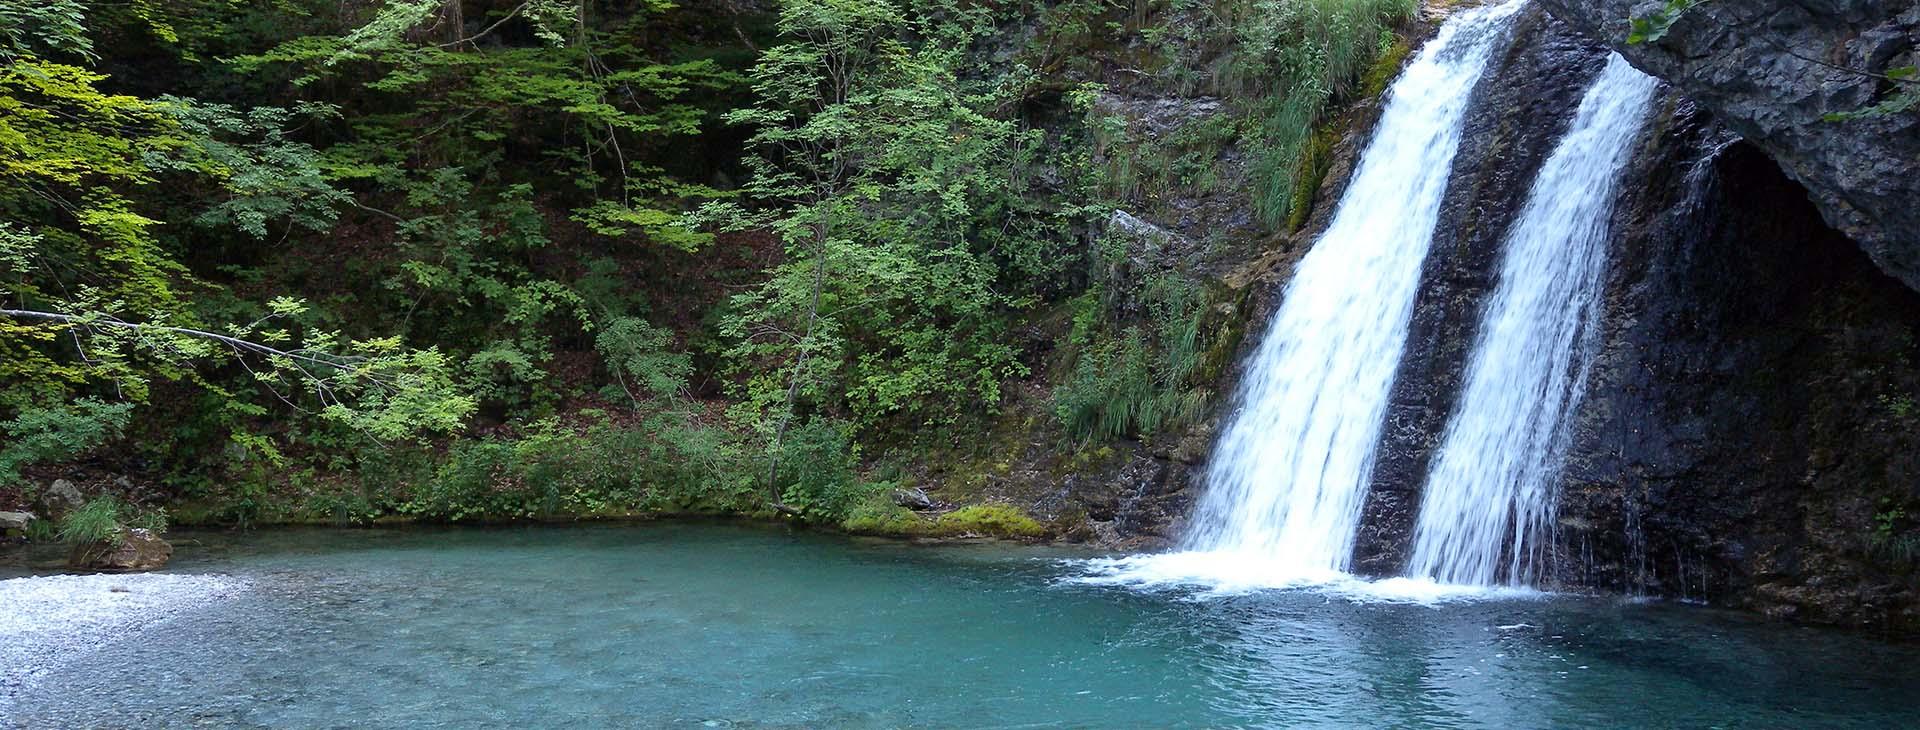 Waterfalls at Enipeas Gorge, Mt. Olympus, Pieria